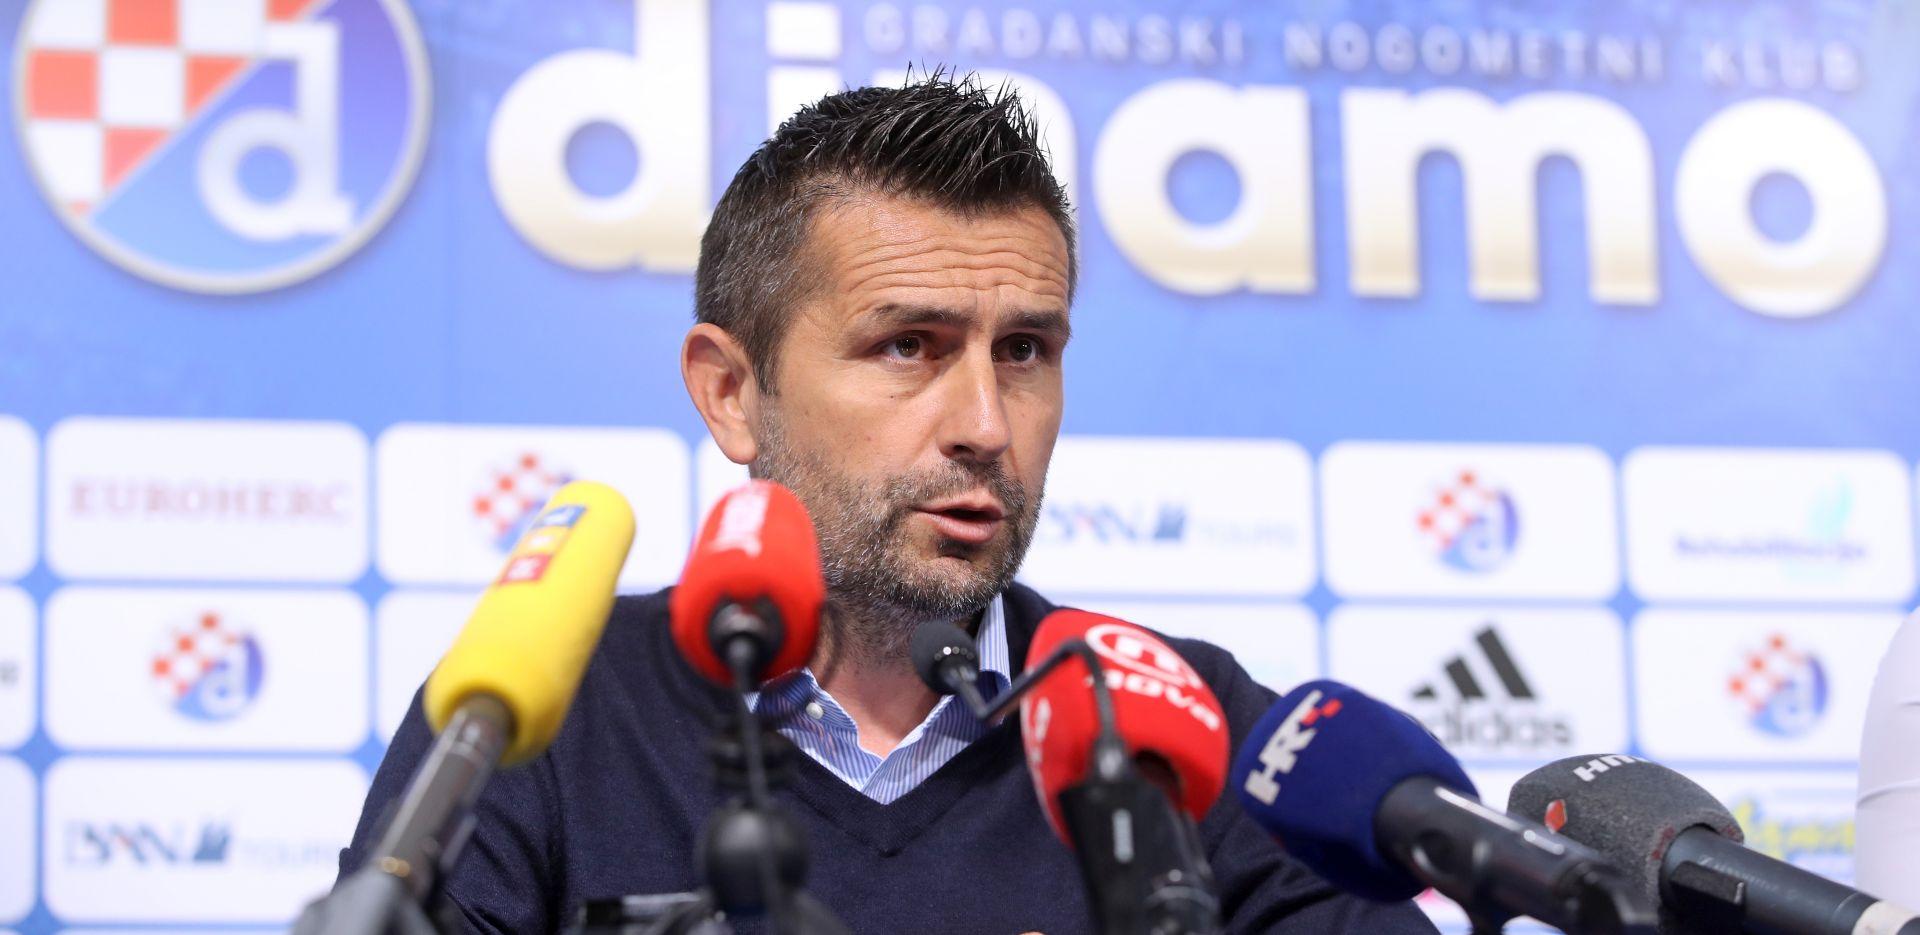 """BJELICA """"Još nisam niti jednom razgovarao sa izbornikom Dalićem"""""""